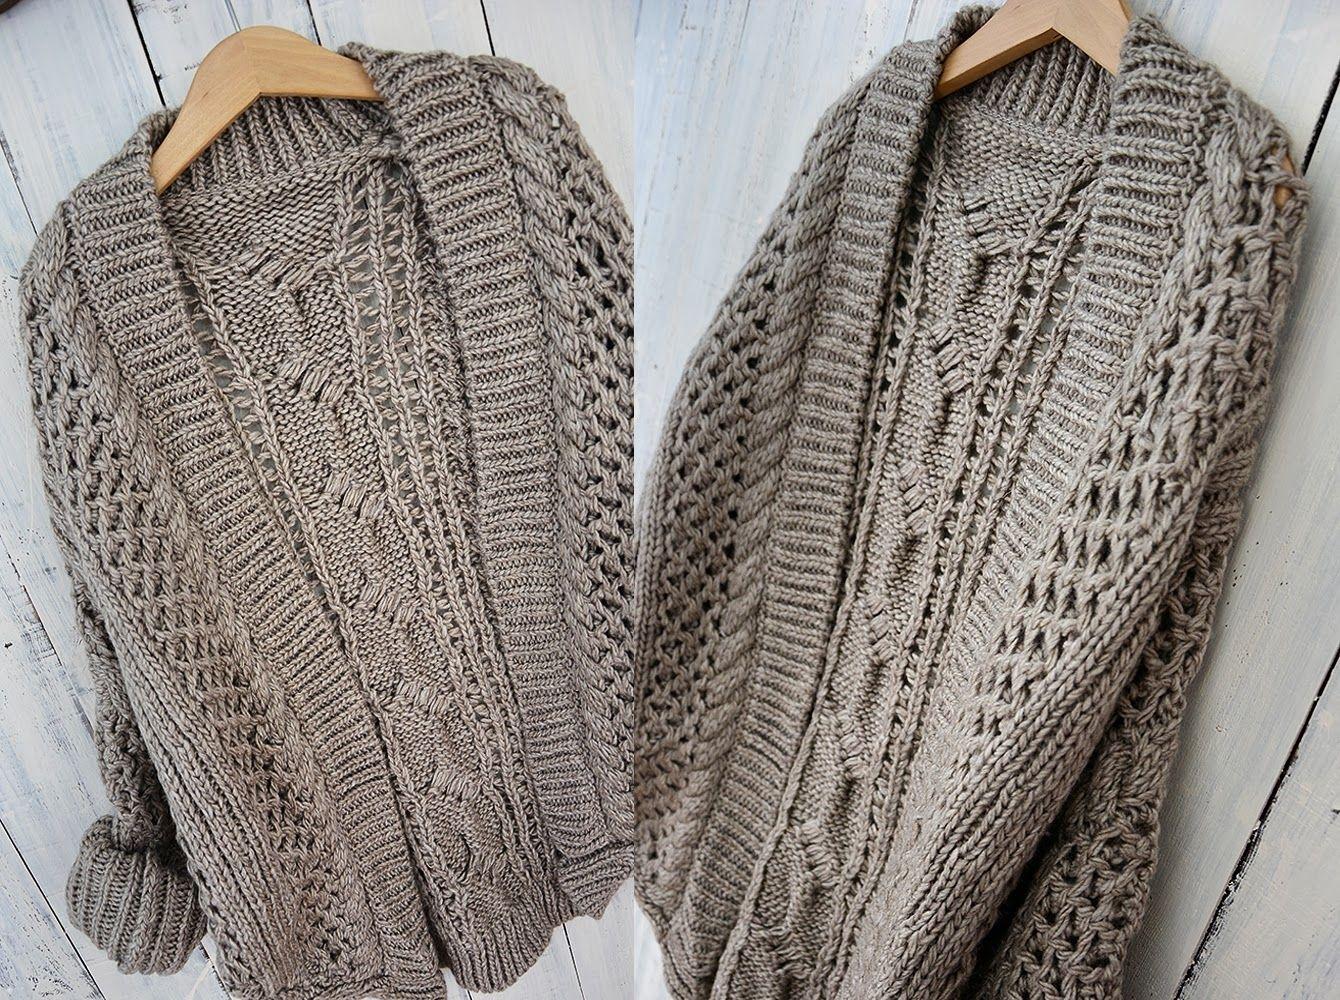 Casual Gruby Cieply Sweter Blezer Z Wloczki Hot 3786826934 Oficjalne Archiwum Allegro Crochet Scarf Sweaters Fashion